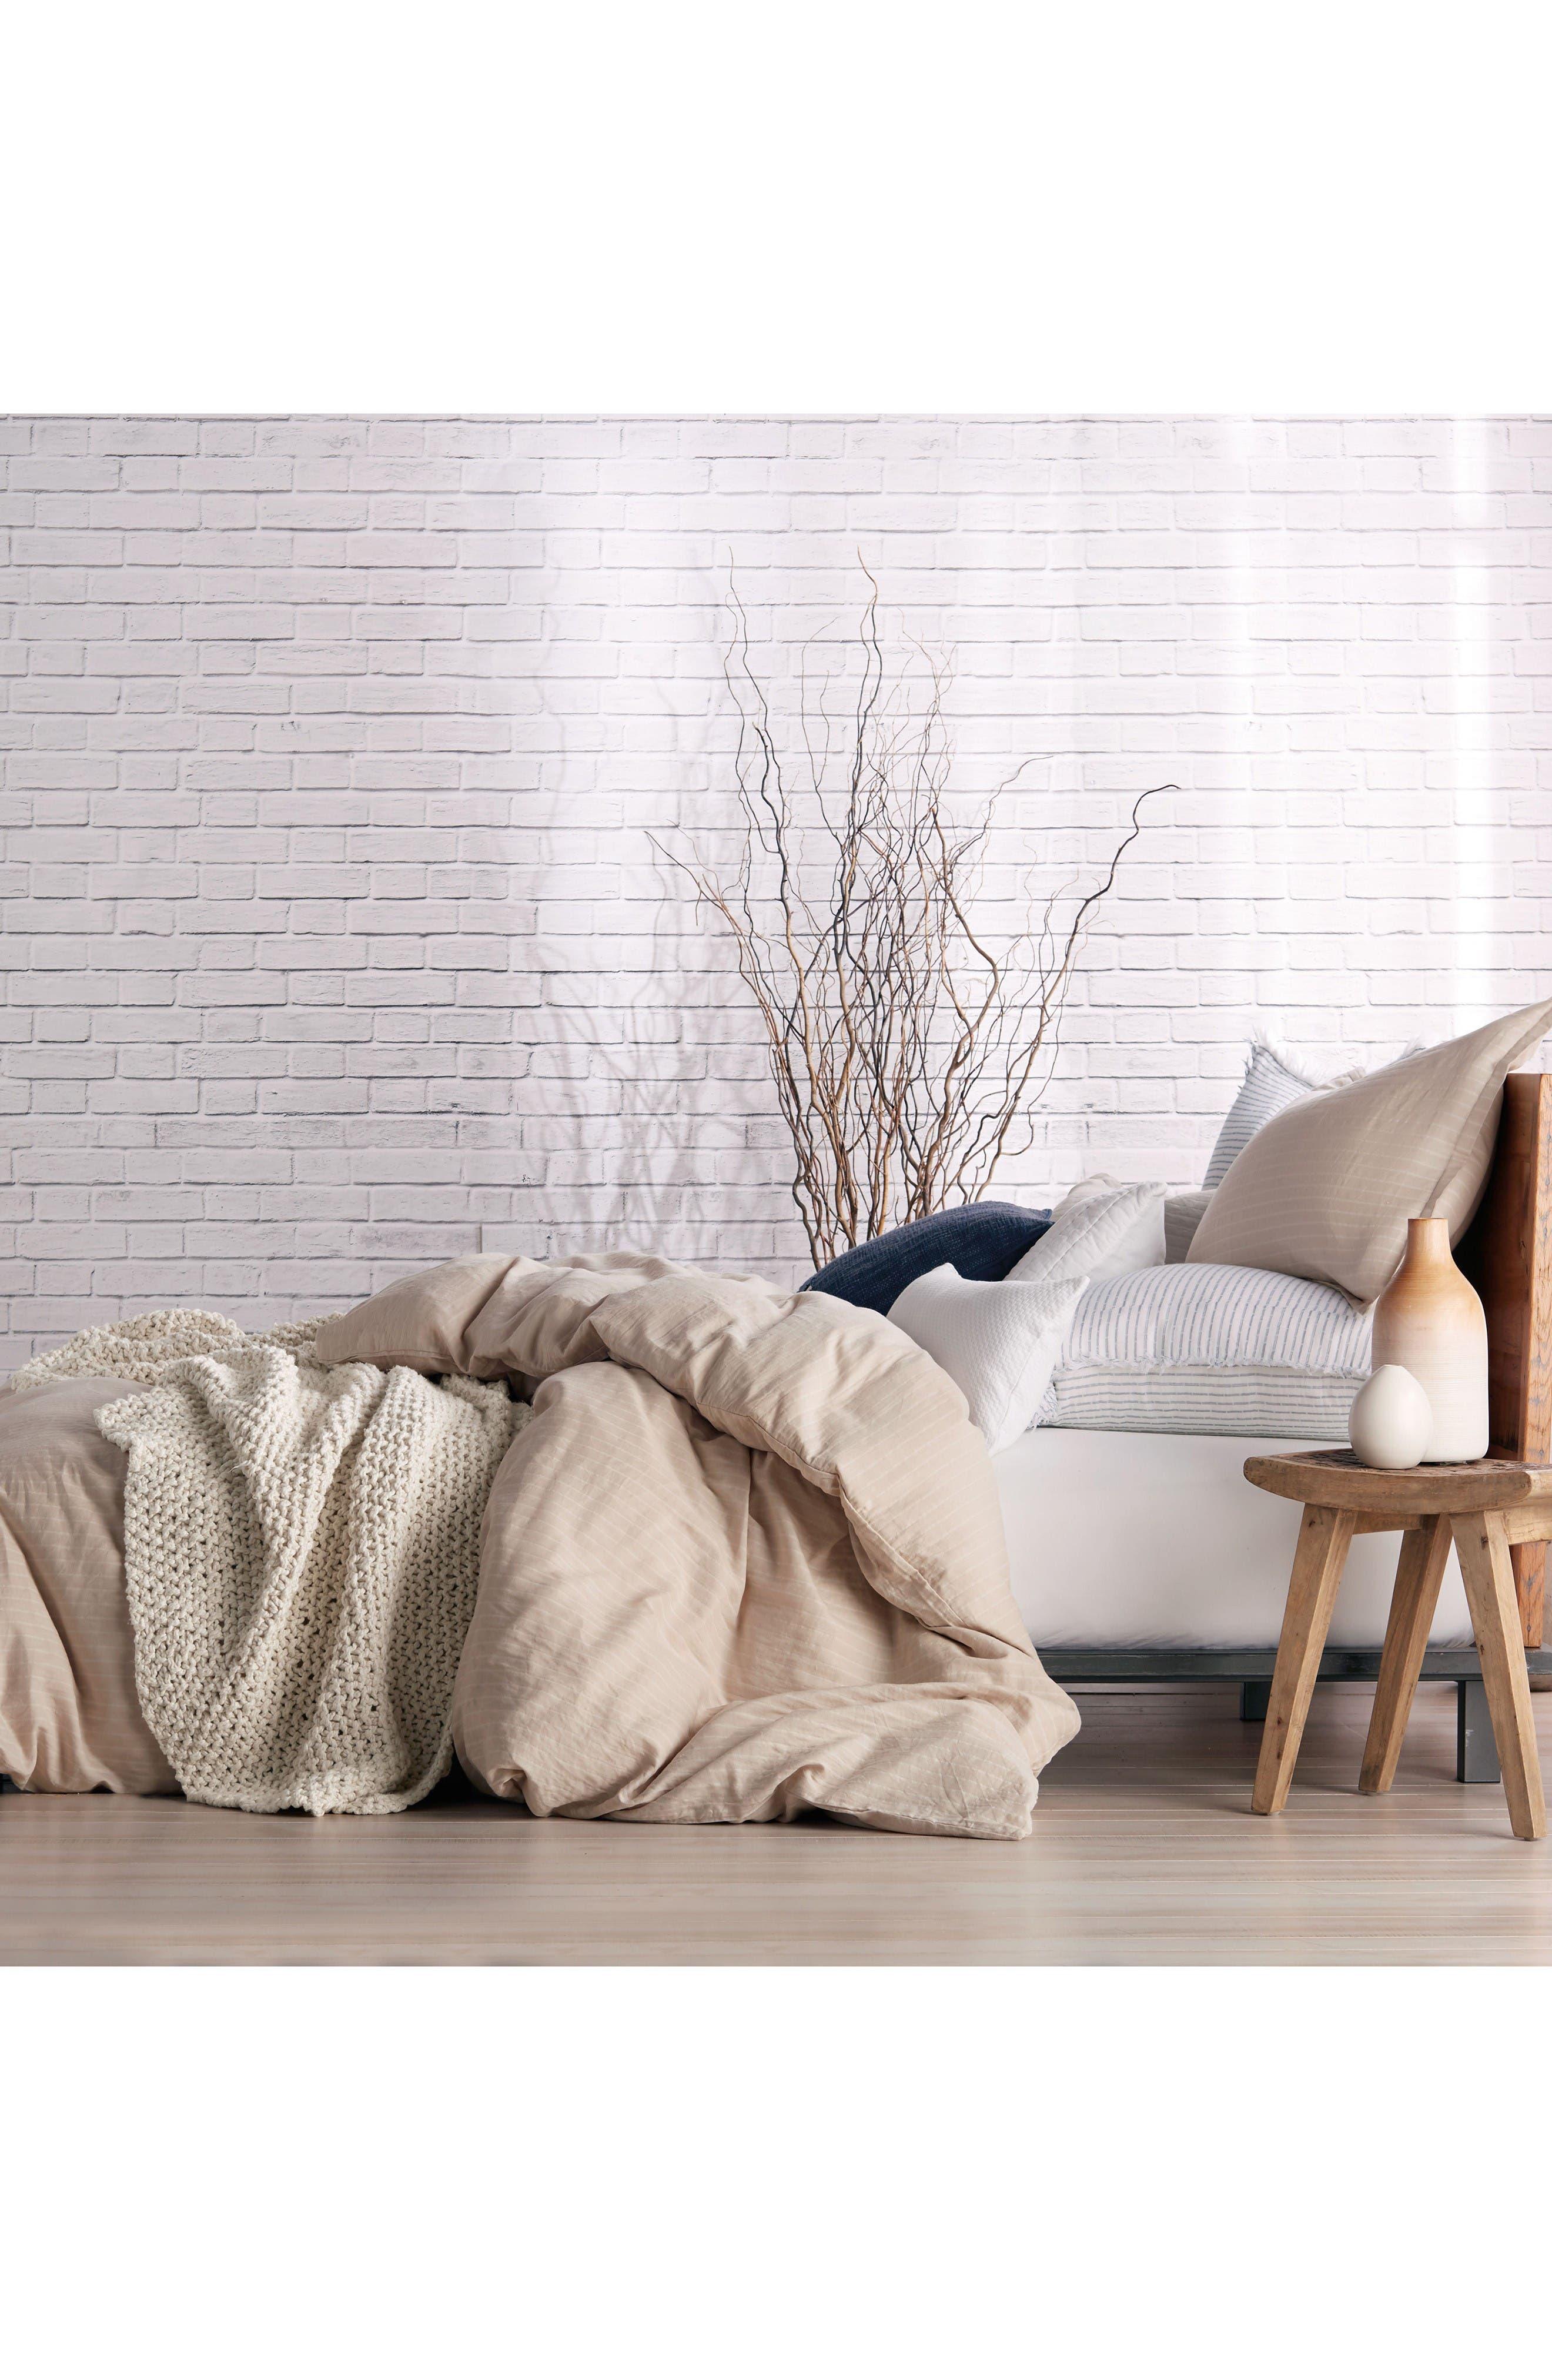 DKNY Duvet Covers Bedding